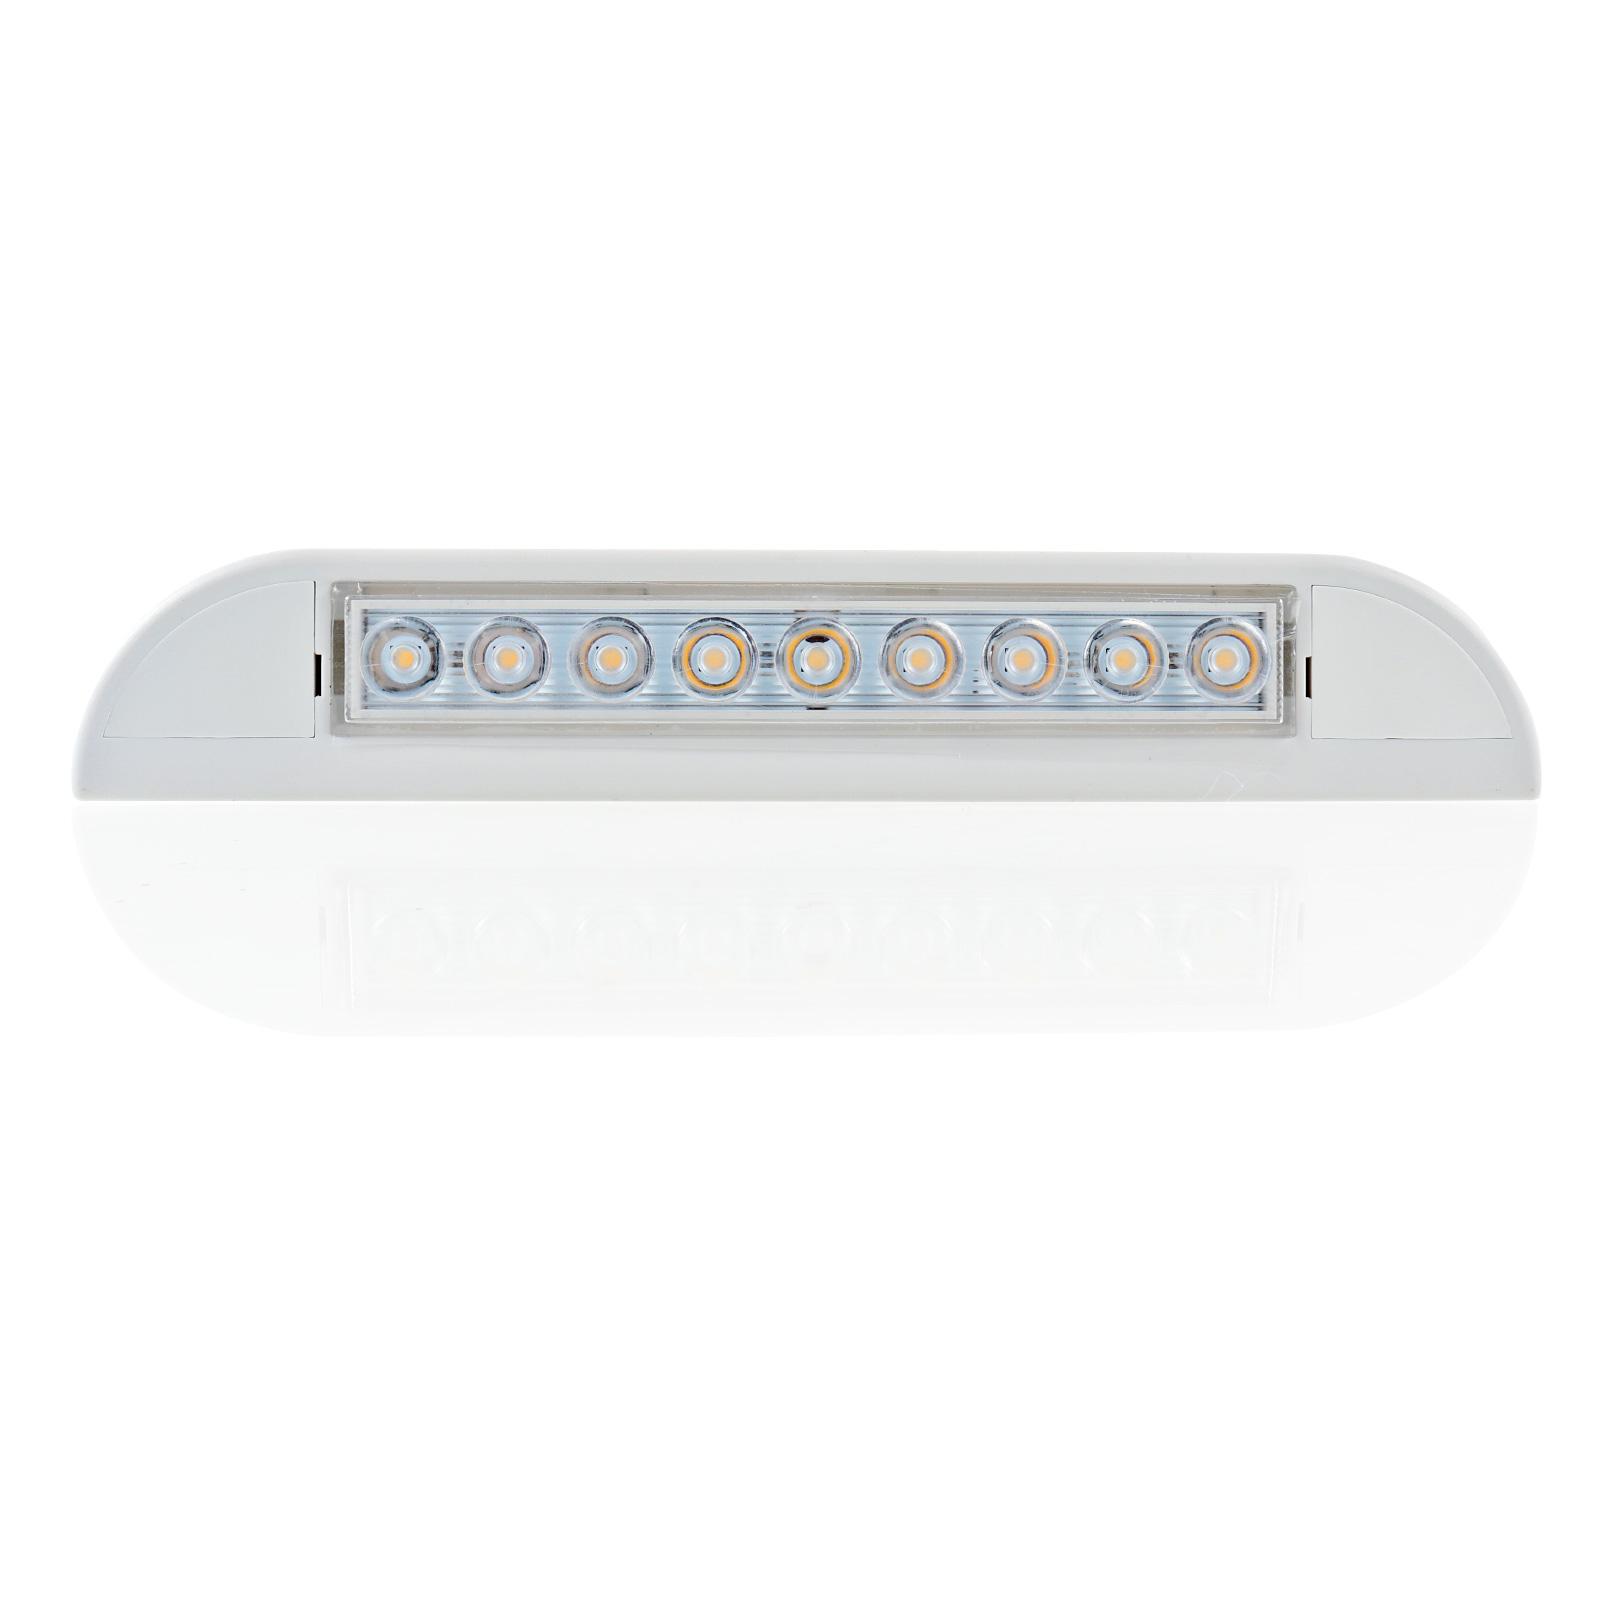 aussen leuchte led 12v 23 cm 400 lumen wasserdicht f r. Black Bedroom Furniture Sets. Home Design Ideas